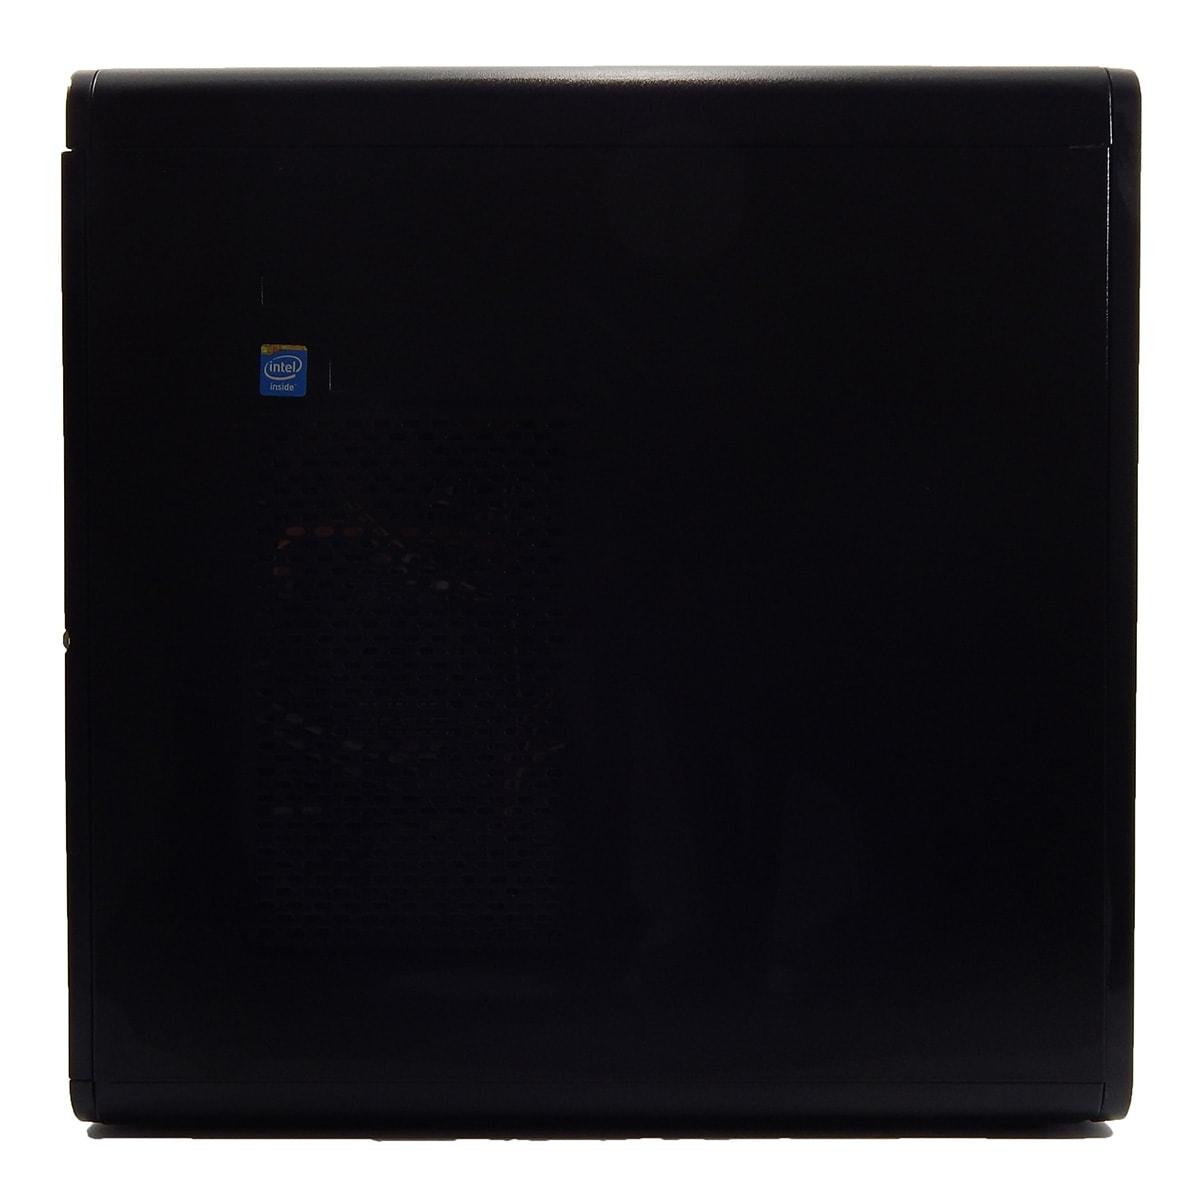 PC POSITIVO Premium PCTV K2920 Celeron 1007u 2Gb 500Gb DVD - Reembalado